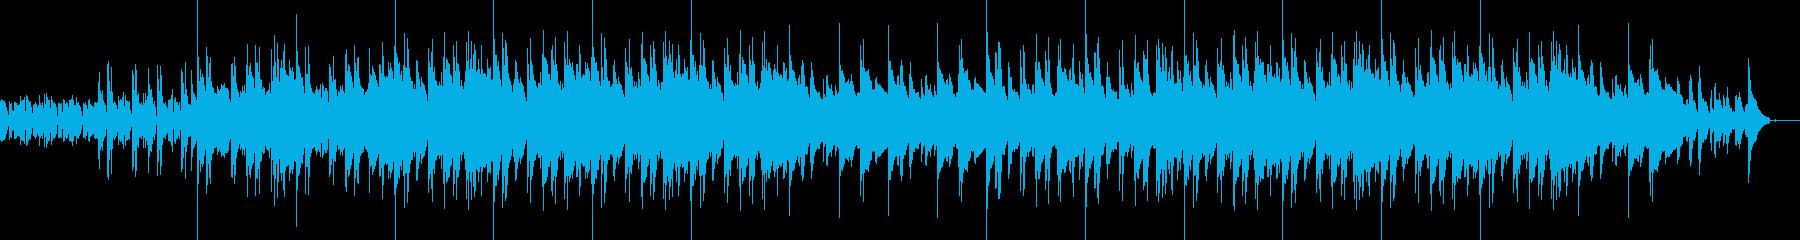 エレクトロとブルージーなピアノBGMの再生済みの波形